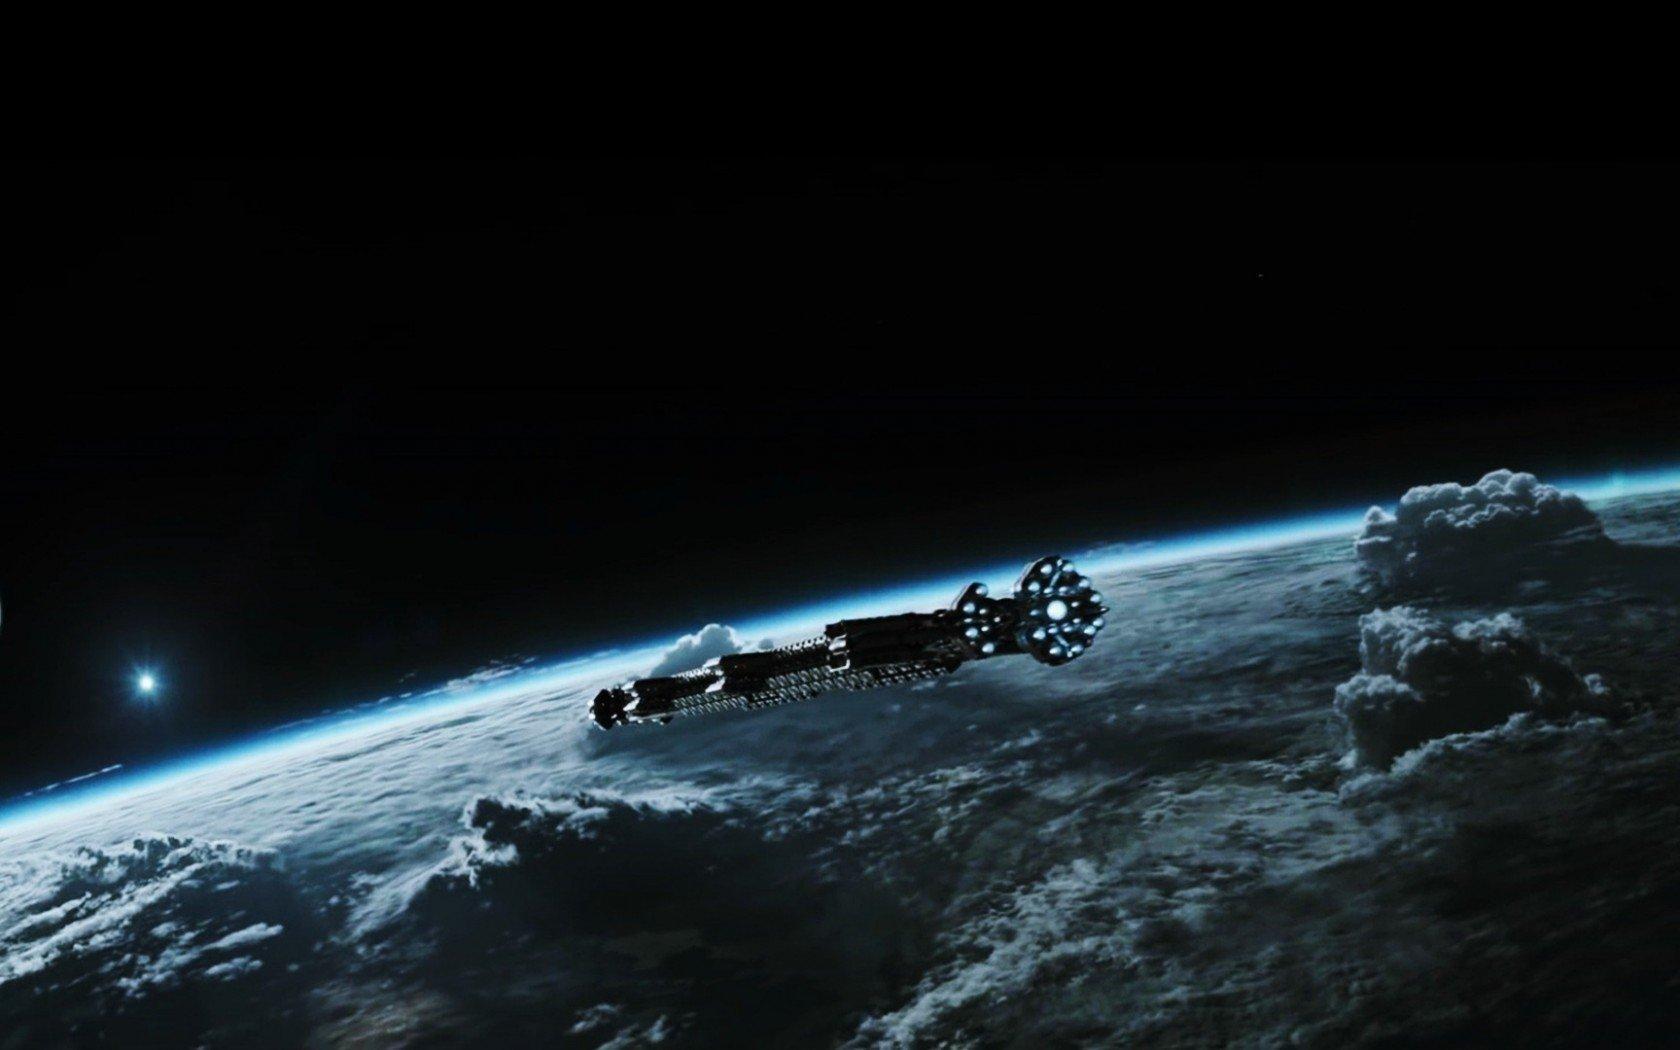 Photo d'Alien: Covenant avec un vaisseau spatial